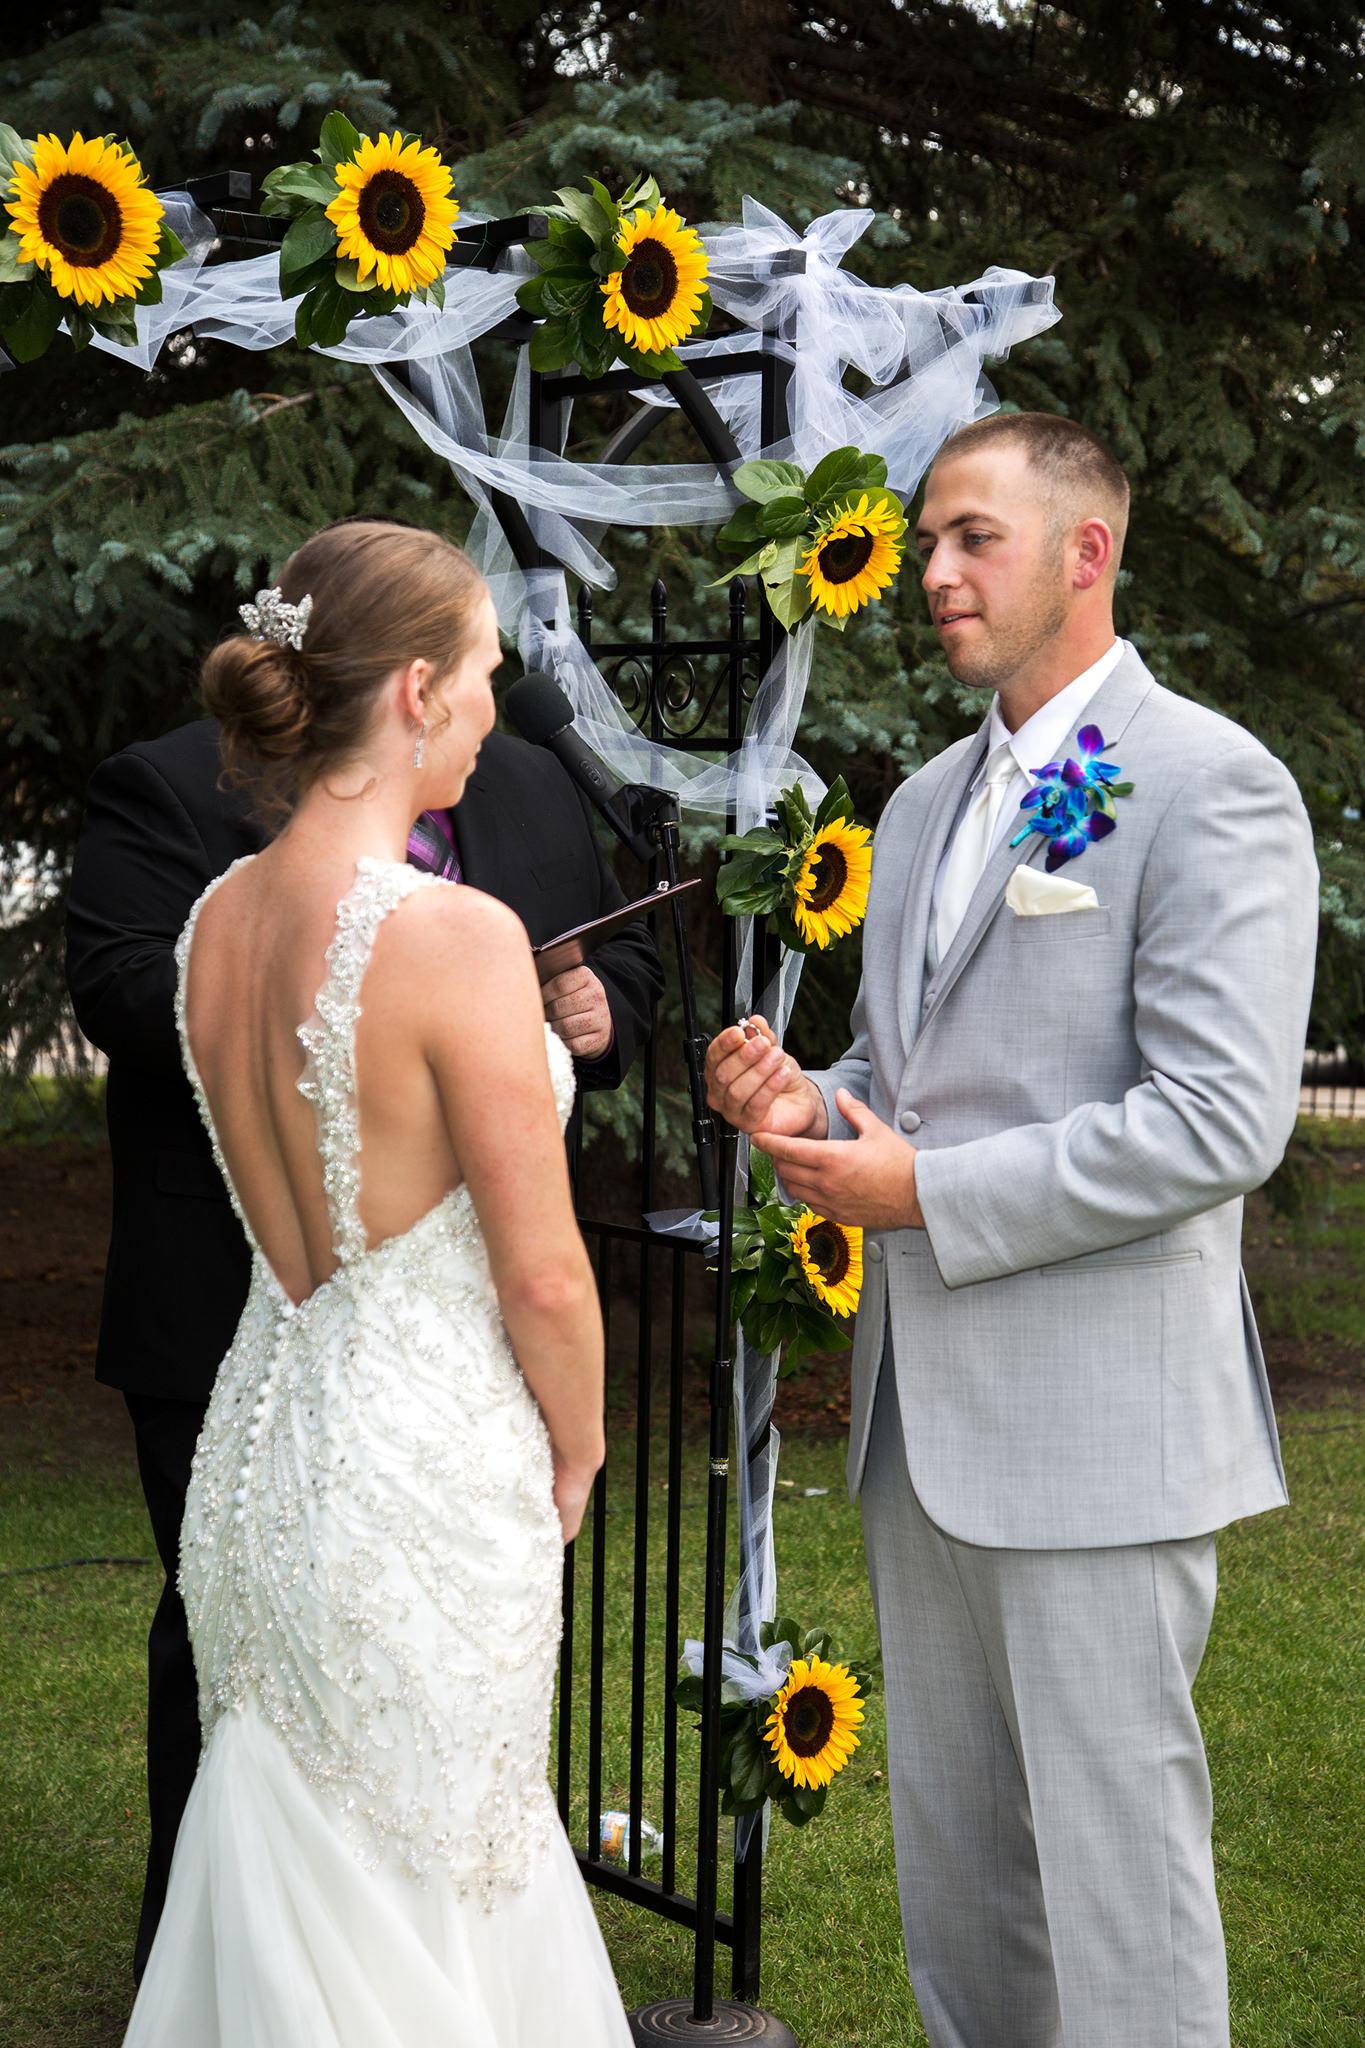 marchese_wedding_458 copy